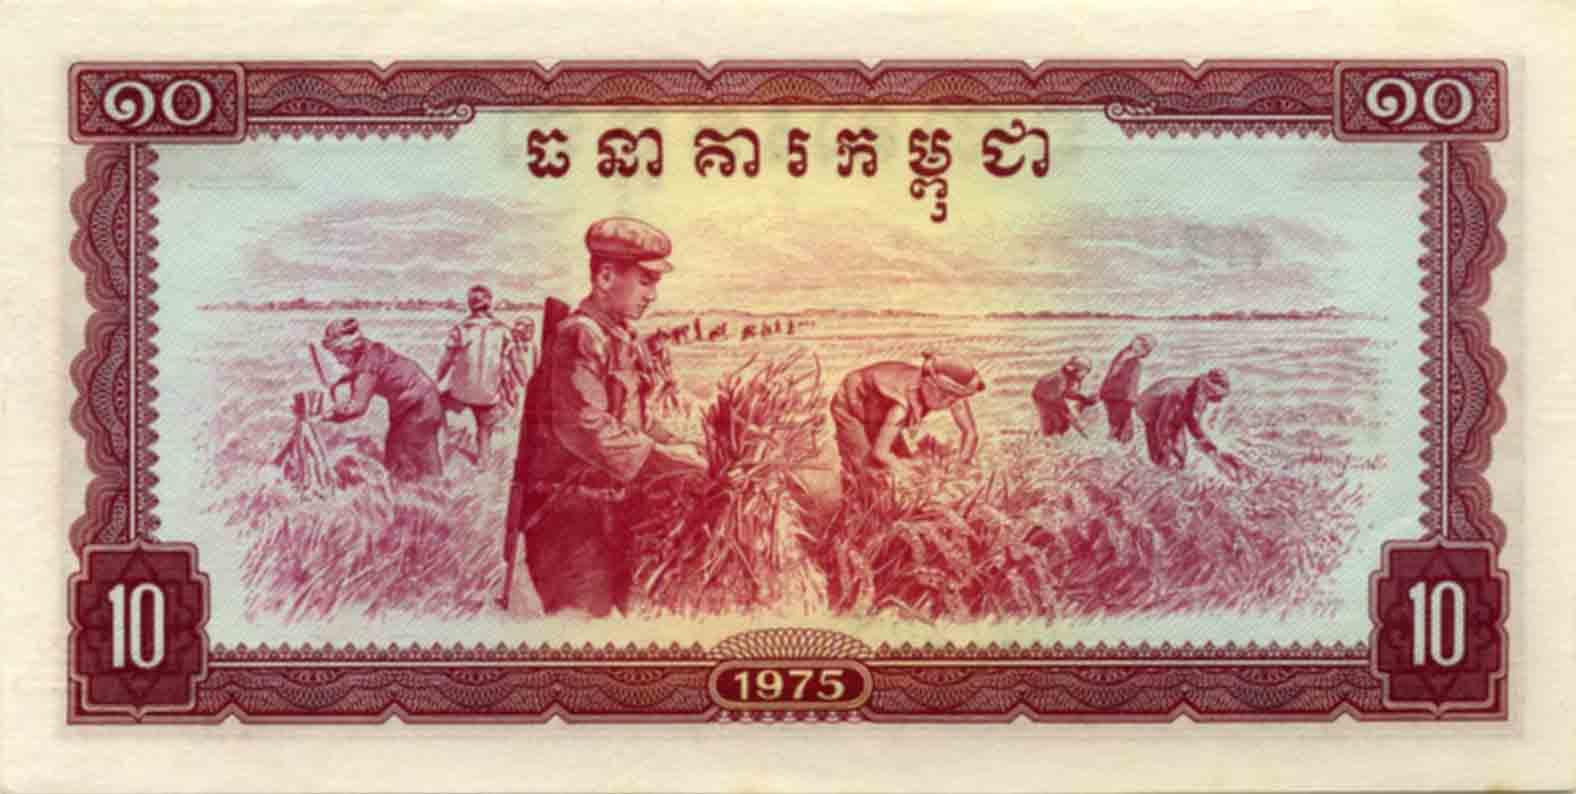 Обратная сторона банкноты Камбоджи номиналом 10 Риелей.